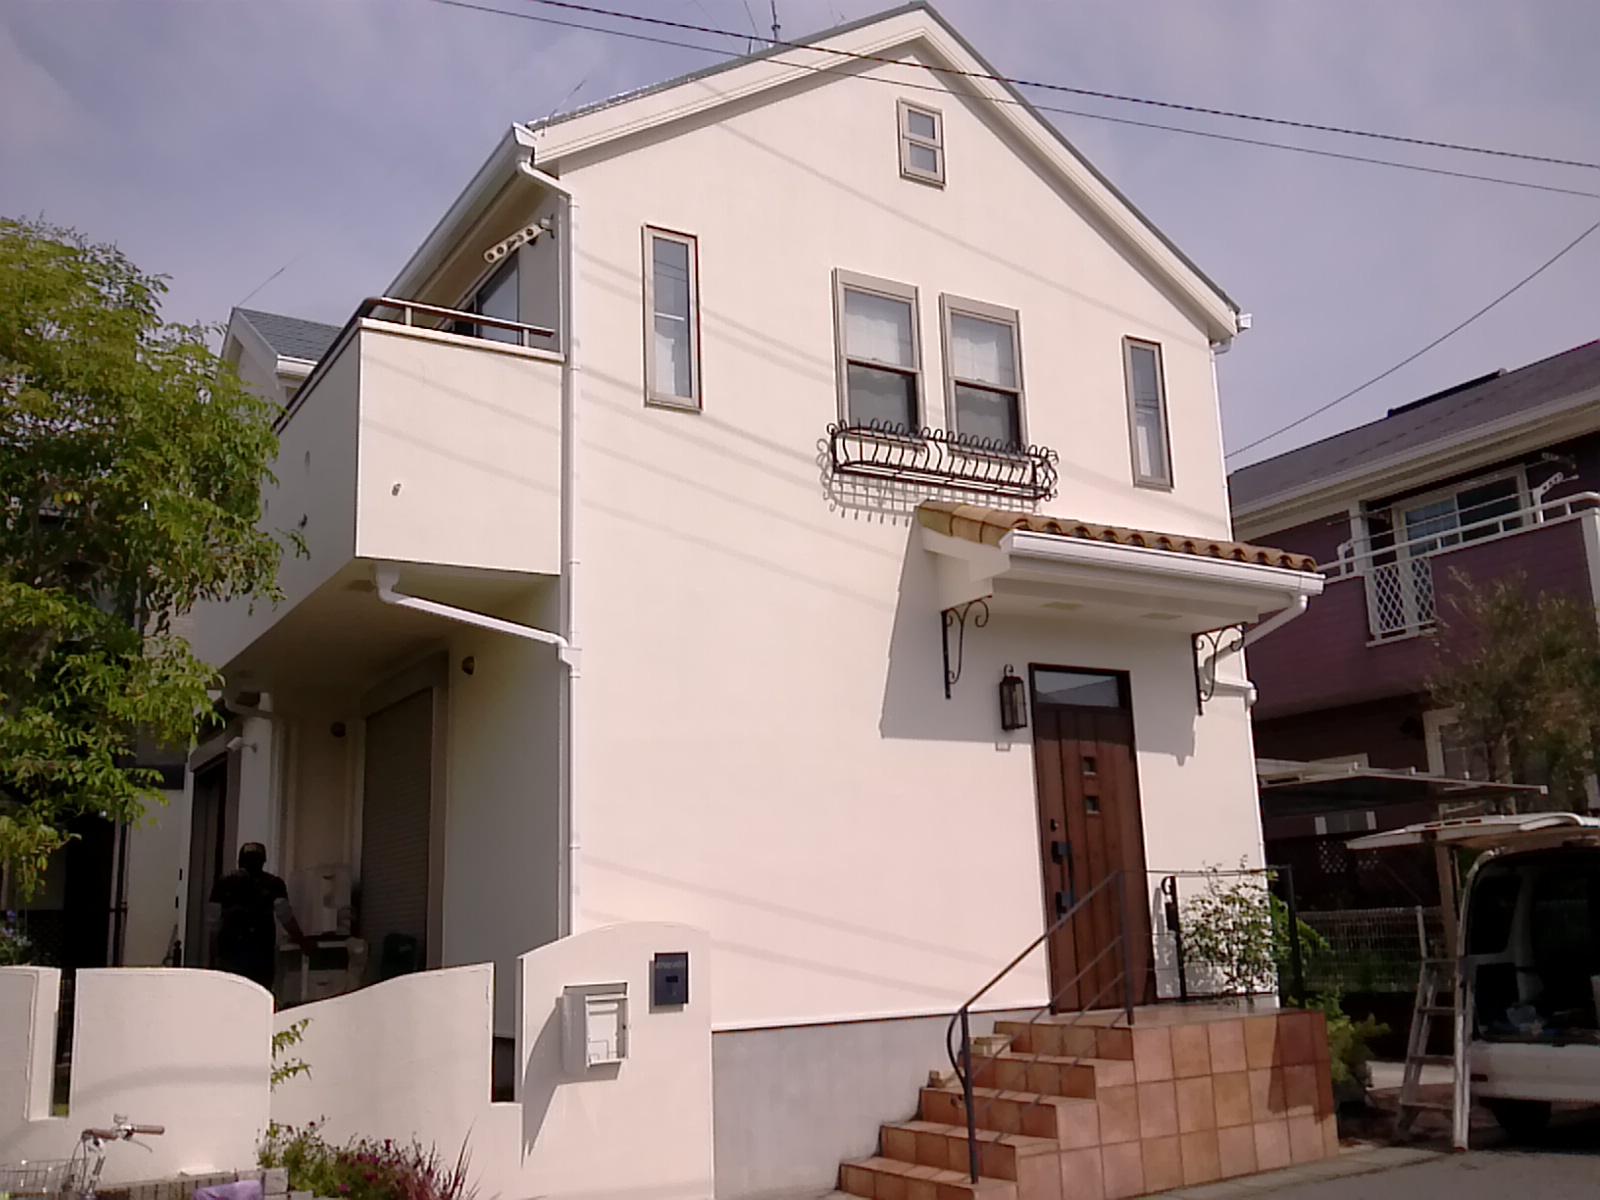 市川市K様邸 屋根・外壁塗装工事 After